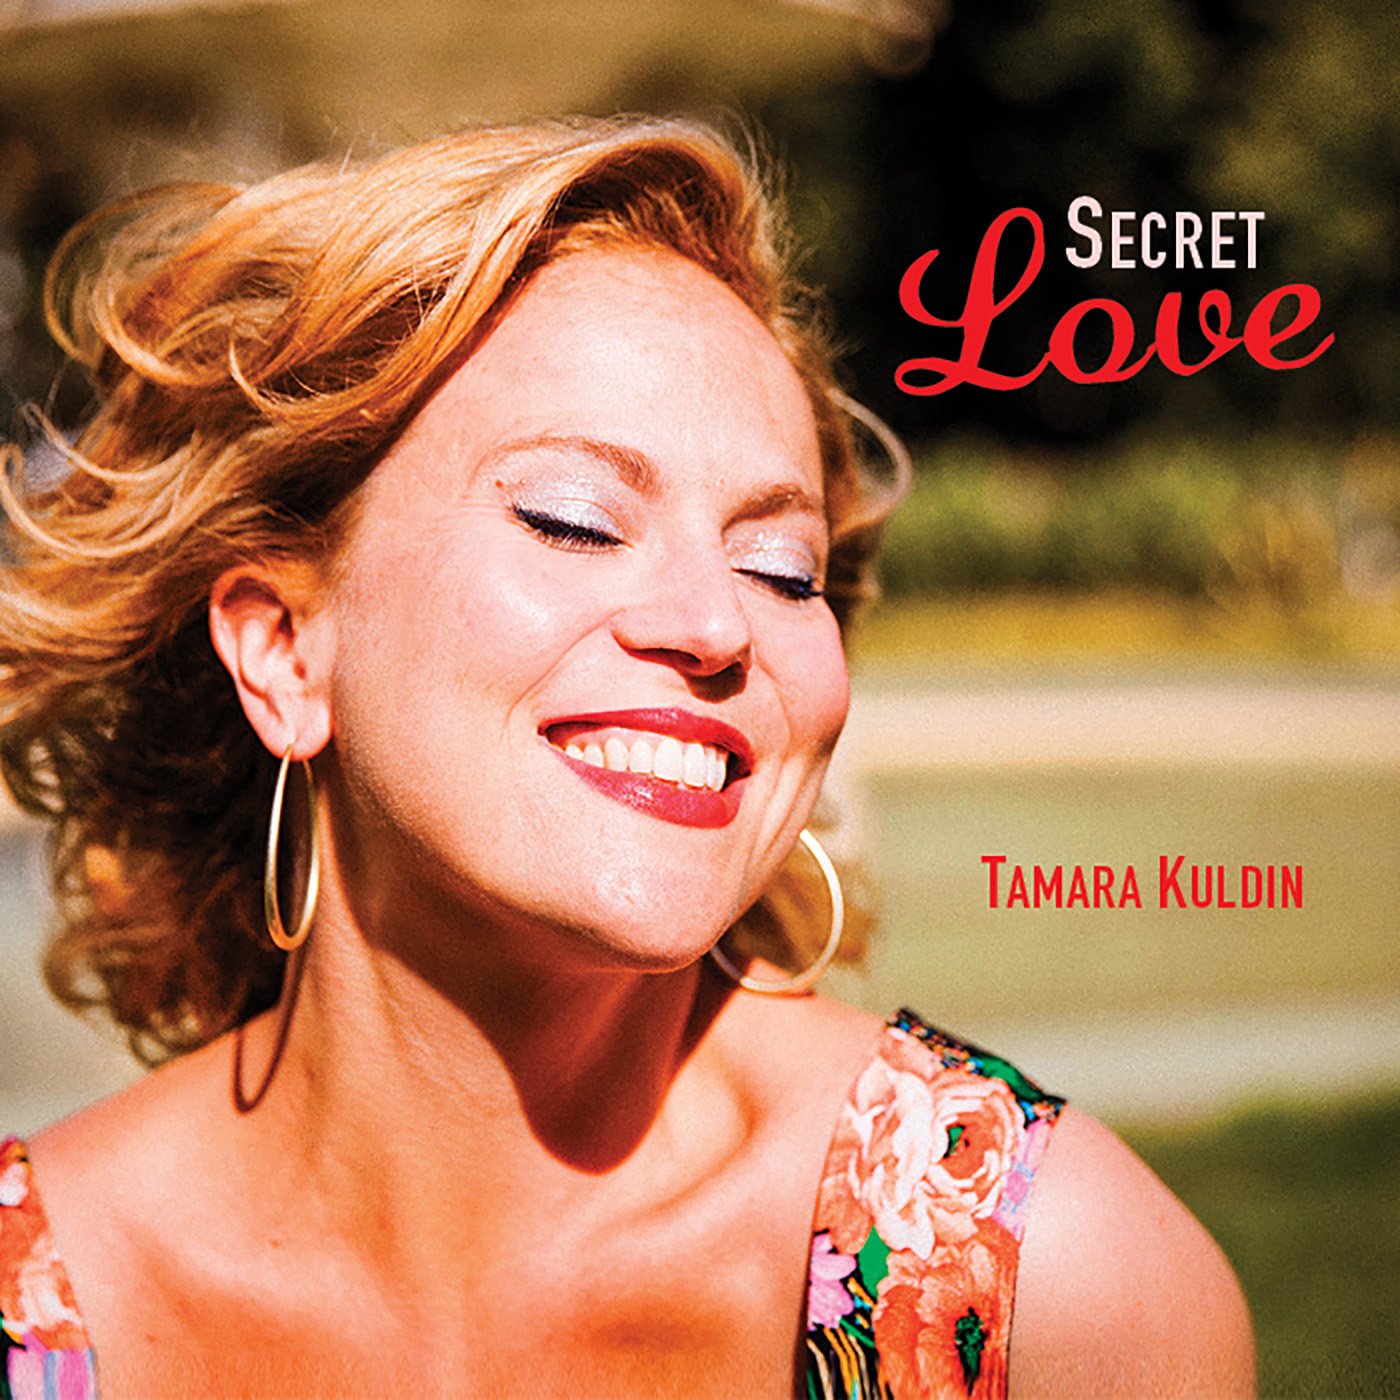 SECRET LOVE CDBABYDIGITAL FRONT COVER.jpg